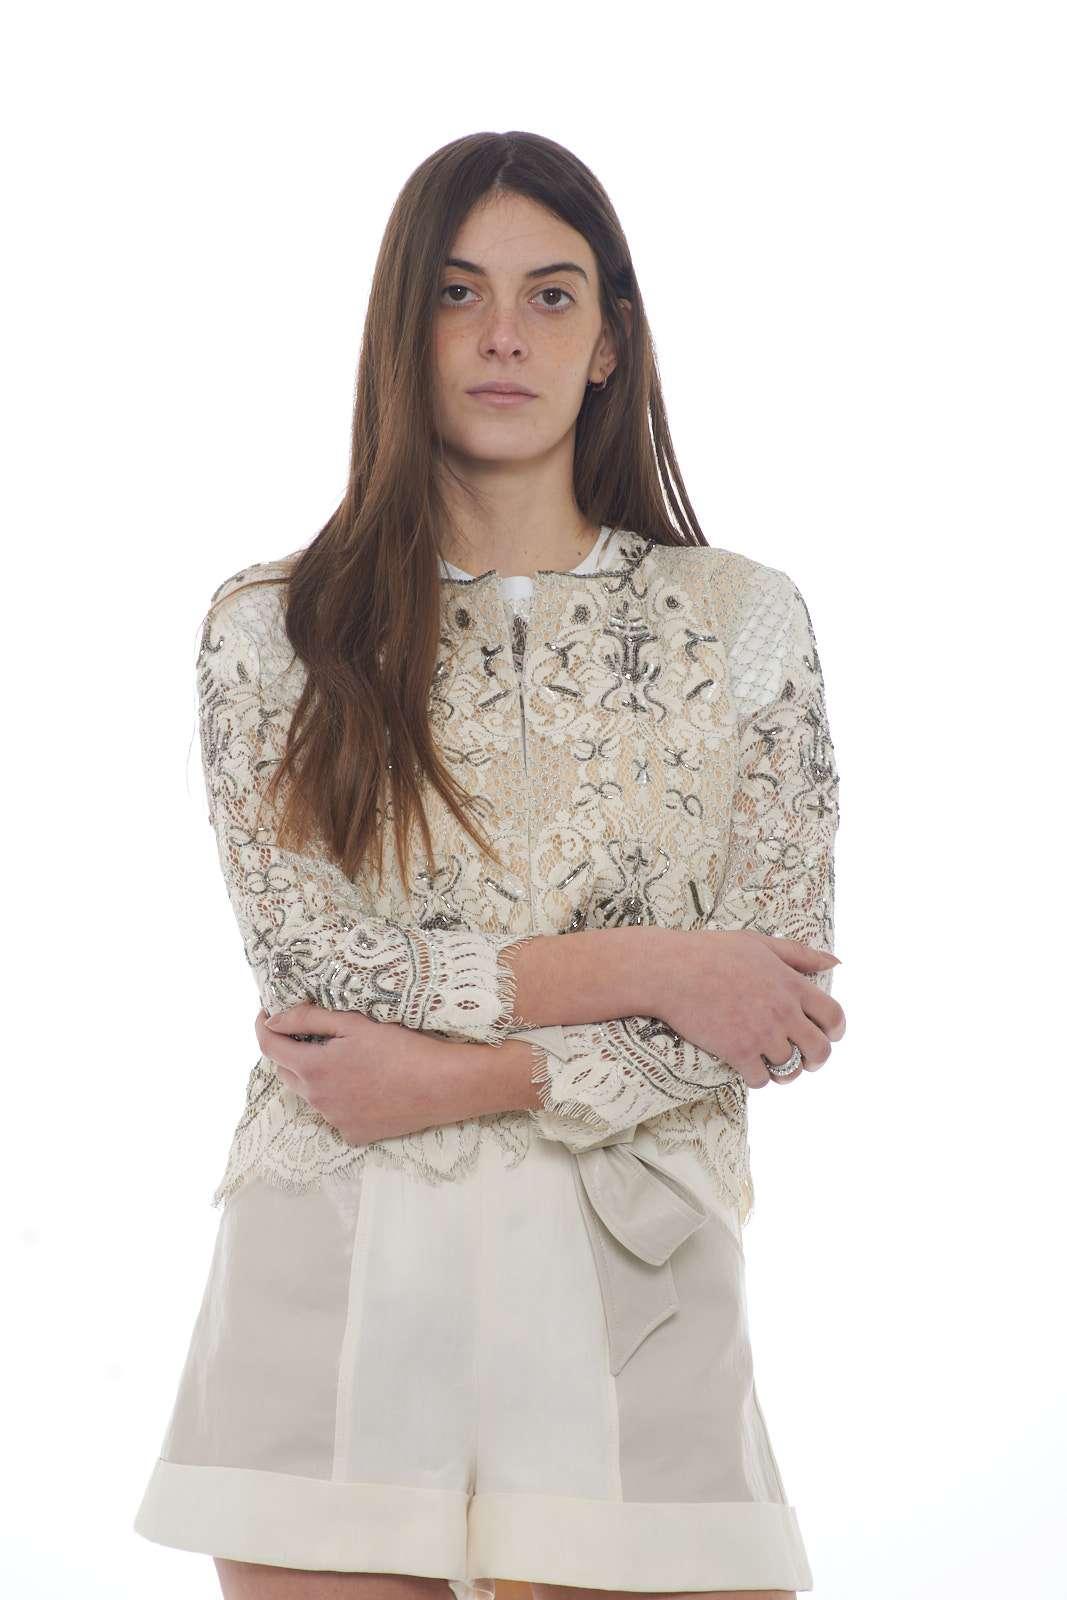 Lusso e fascino per la giacca Twinset Milano proposta per la nuova collezione donna. Lo scollo tondo e la chiusura con gancetti si fondono con un tessuto in pizzo e un'applicazione di perline a rifinire il capo. La fodera parziale interna mette in risalto la manica ad effetto trasparenza.